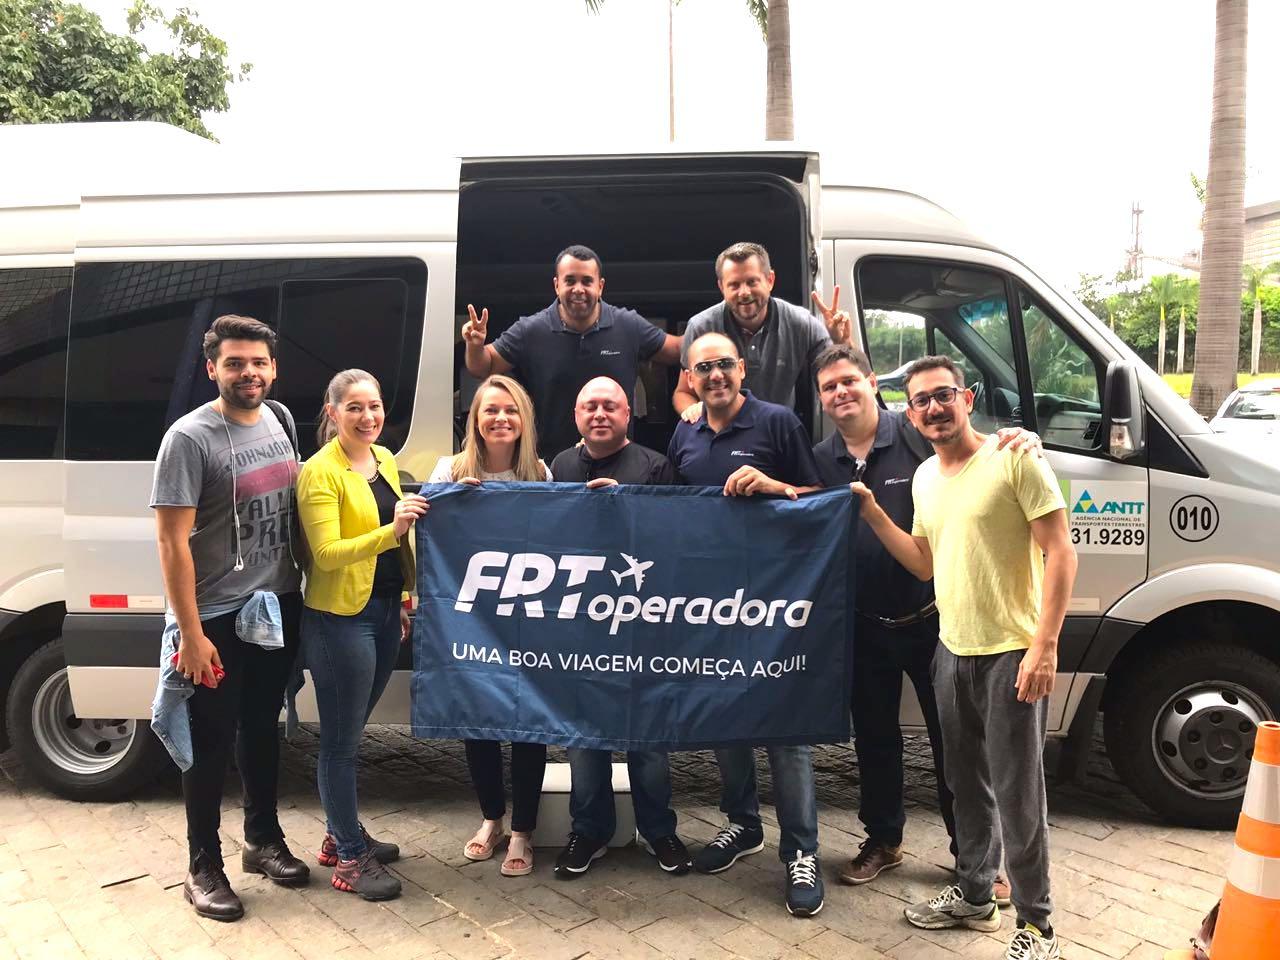 Rodrigo Oliveira e João Cruz comandam o time de profissionais que começaram 2018 com o pé direito na estrada (Foto: Divulgação)